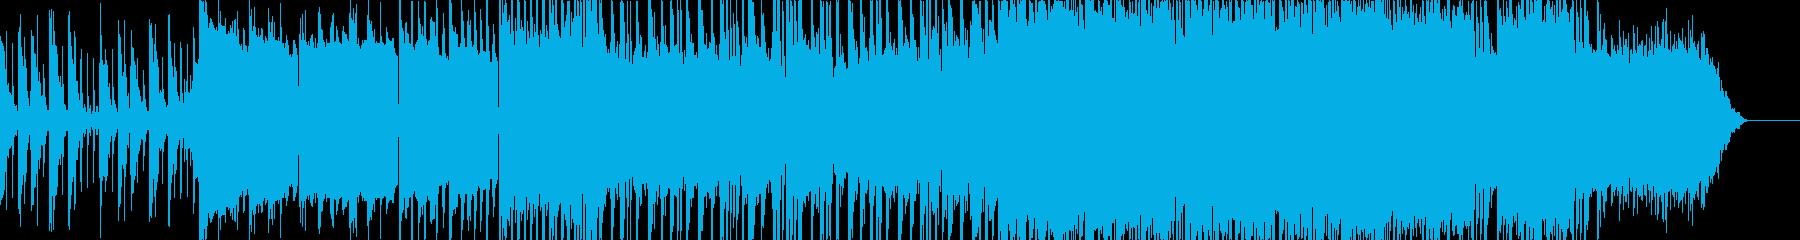 激しく美しいフューチャーベースの再生済みの波形